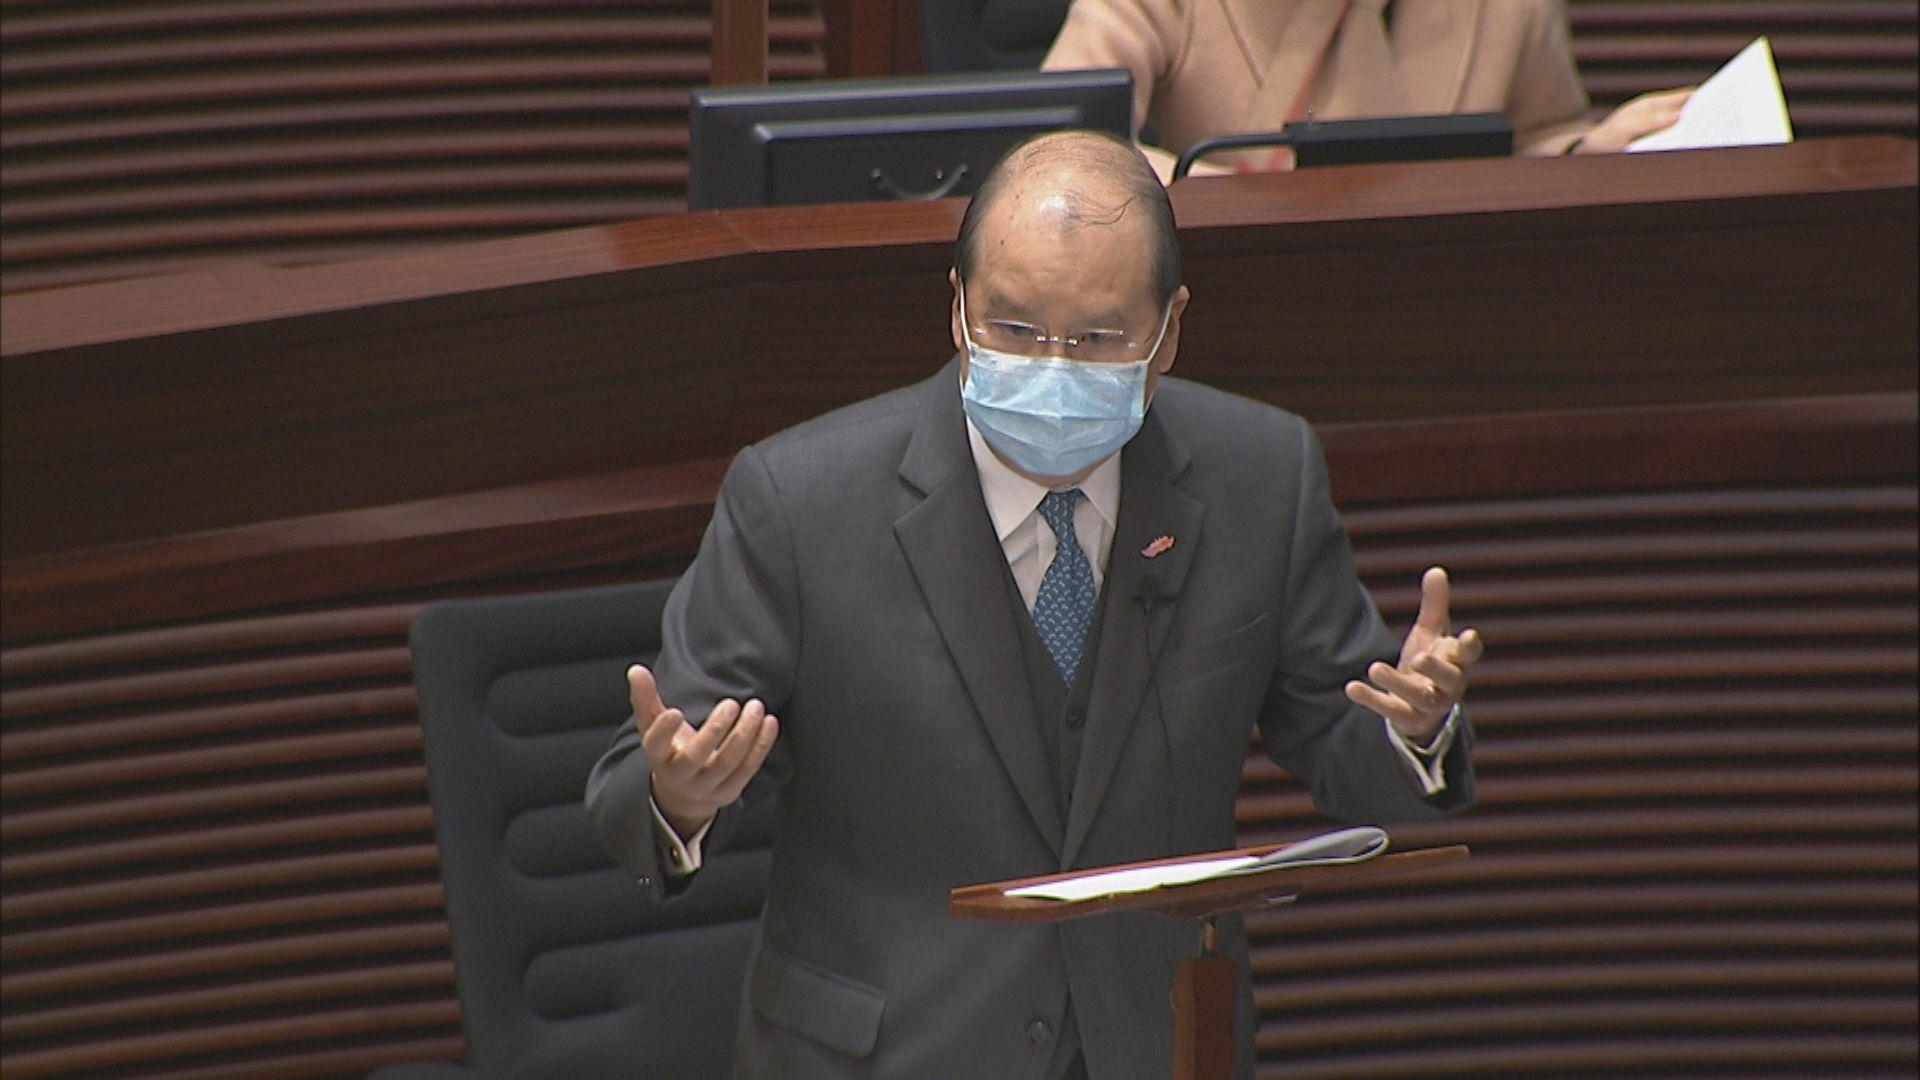 張建宗:疫情已受控 盼市民包容政府